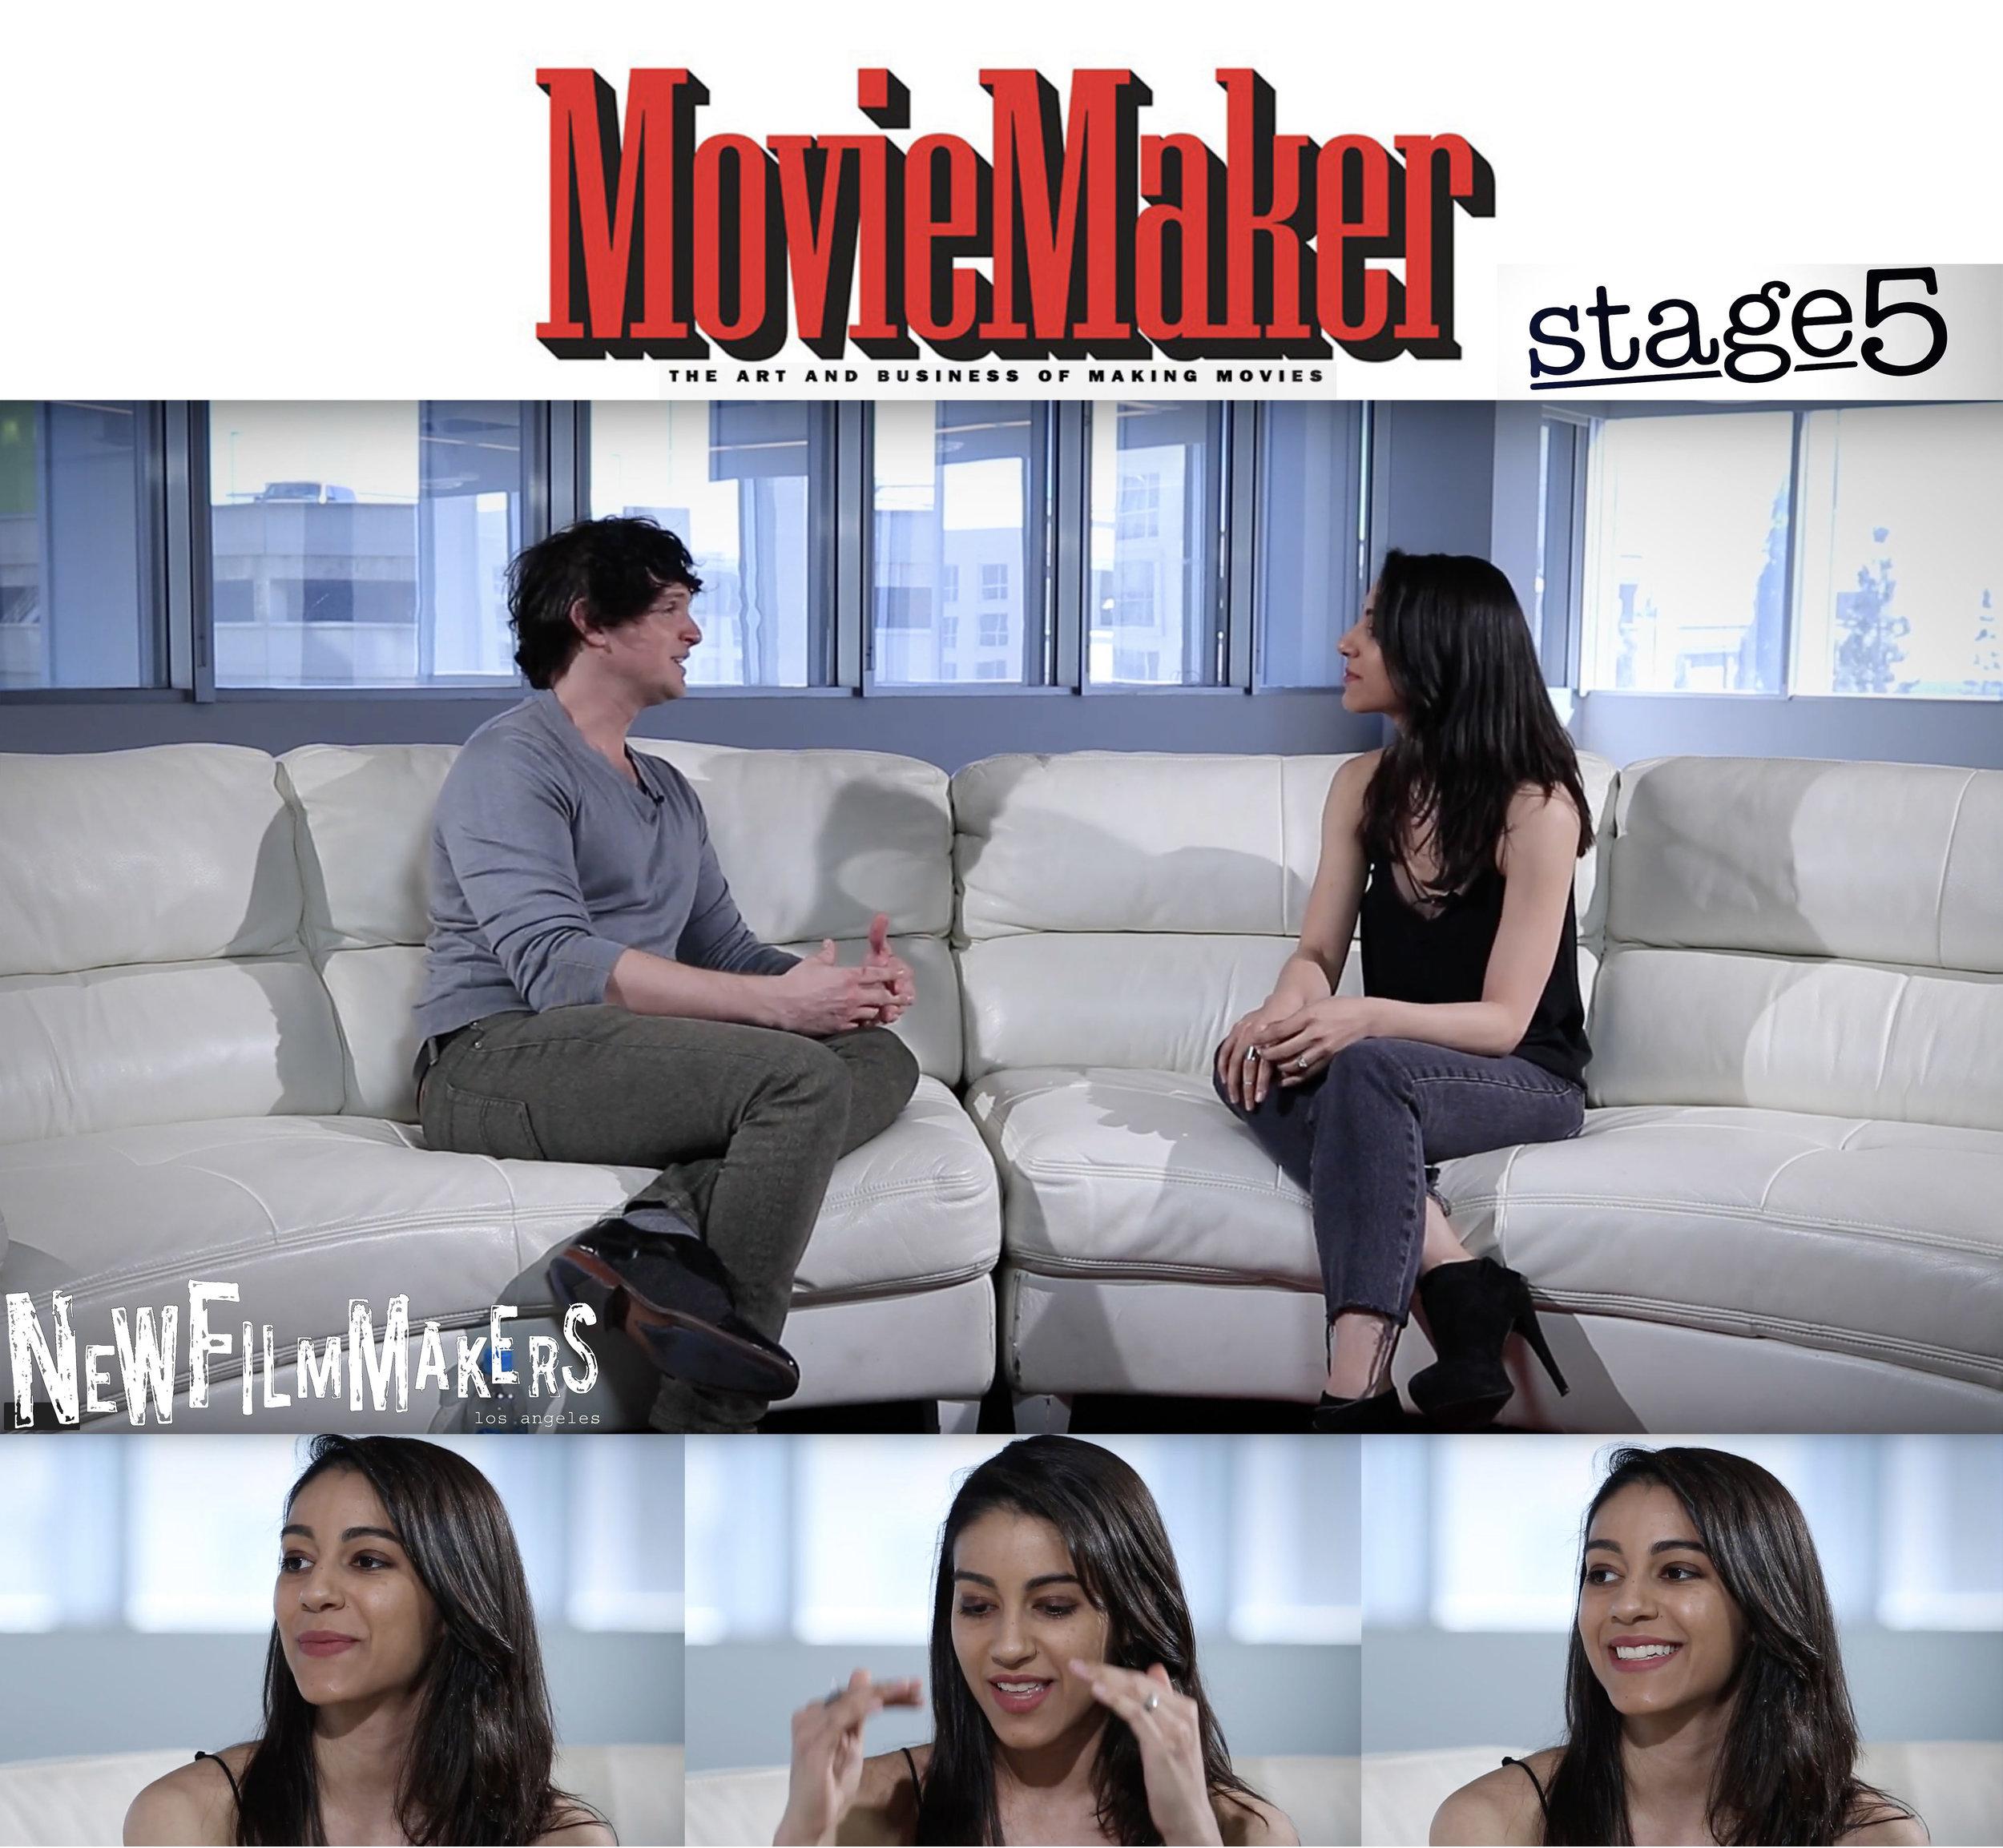 Moviemaker3.jpg